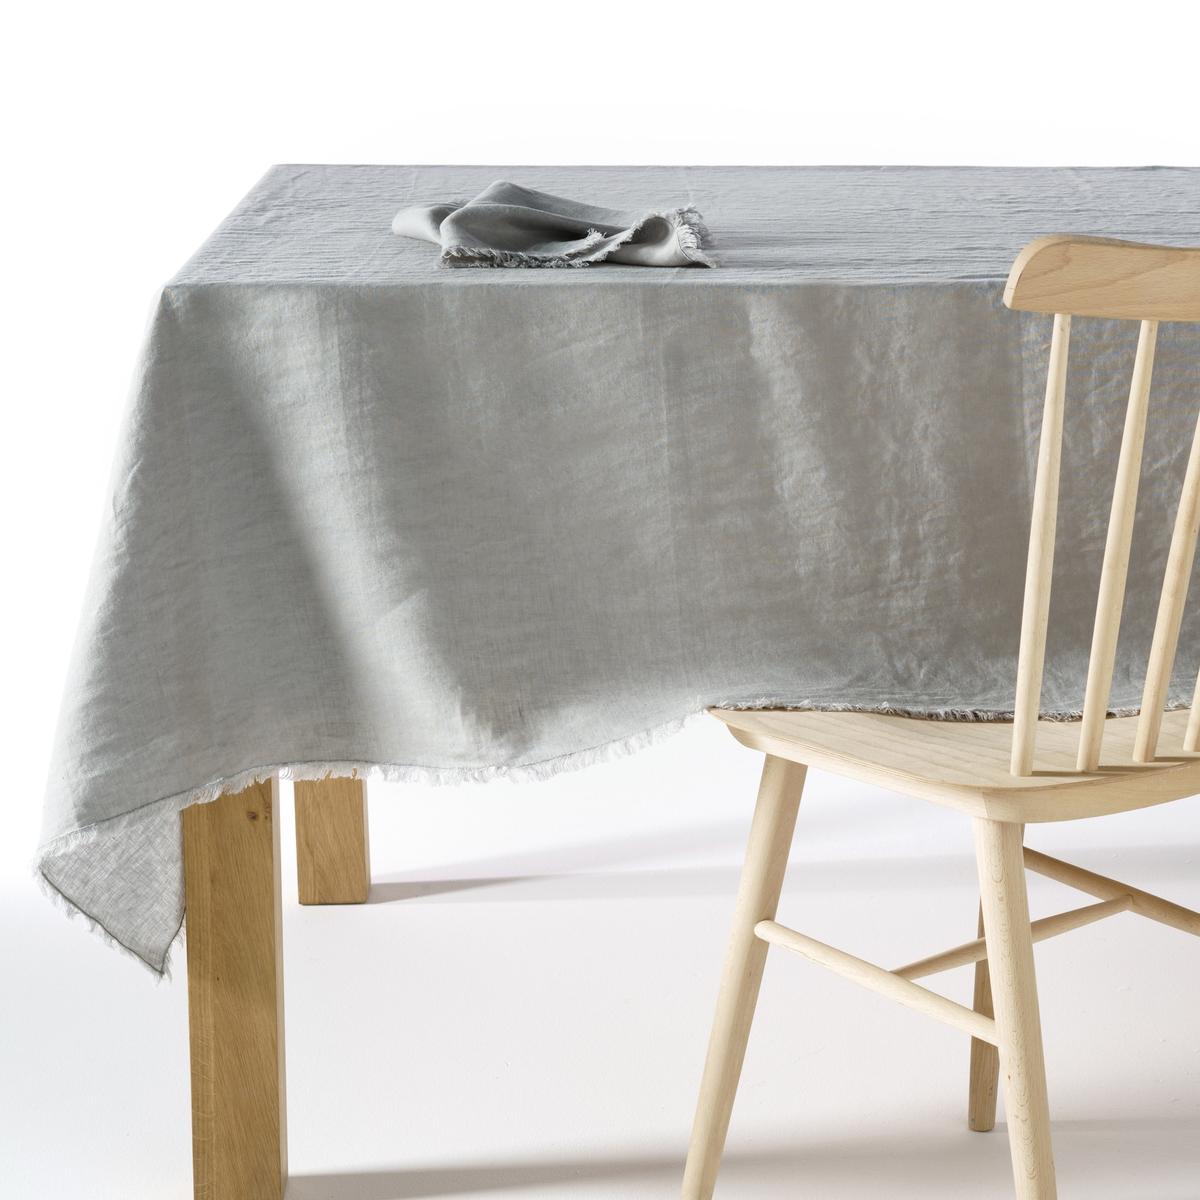 Скатерть из стиранного льна, YastigiСкатерть Yastigi. Скатерть, сочетающая натуральную мягкость стиранного льна и изысканность отделки бахромой Столовые салфетки Yastigi из комплекта продаются на нашем сайте . Материал : - 100% стираный лен<br><br>Цвет: белый,бледно-розовый,зеленый шалфей,серо-бежевый,серый<br>Размер: 150 x 250 см.150 x 250 см